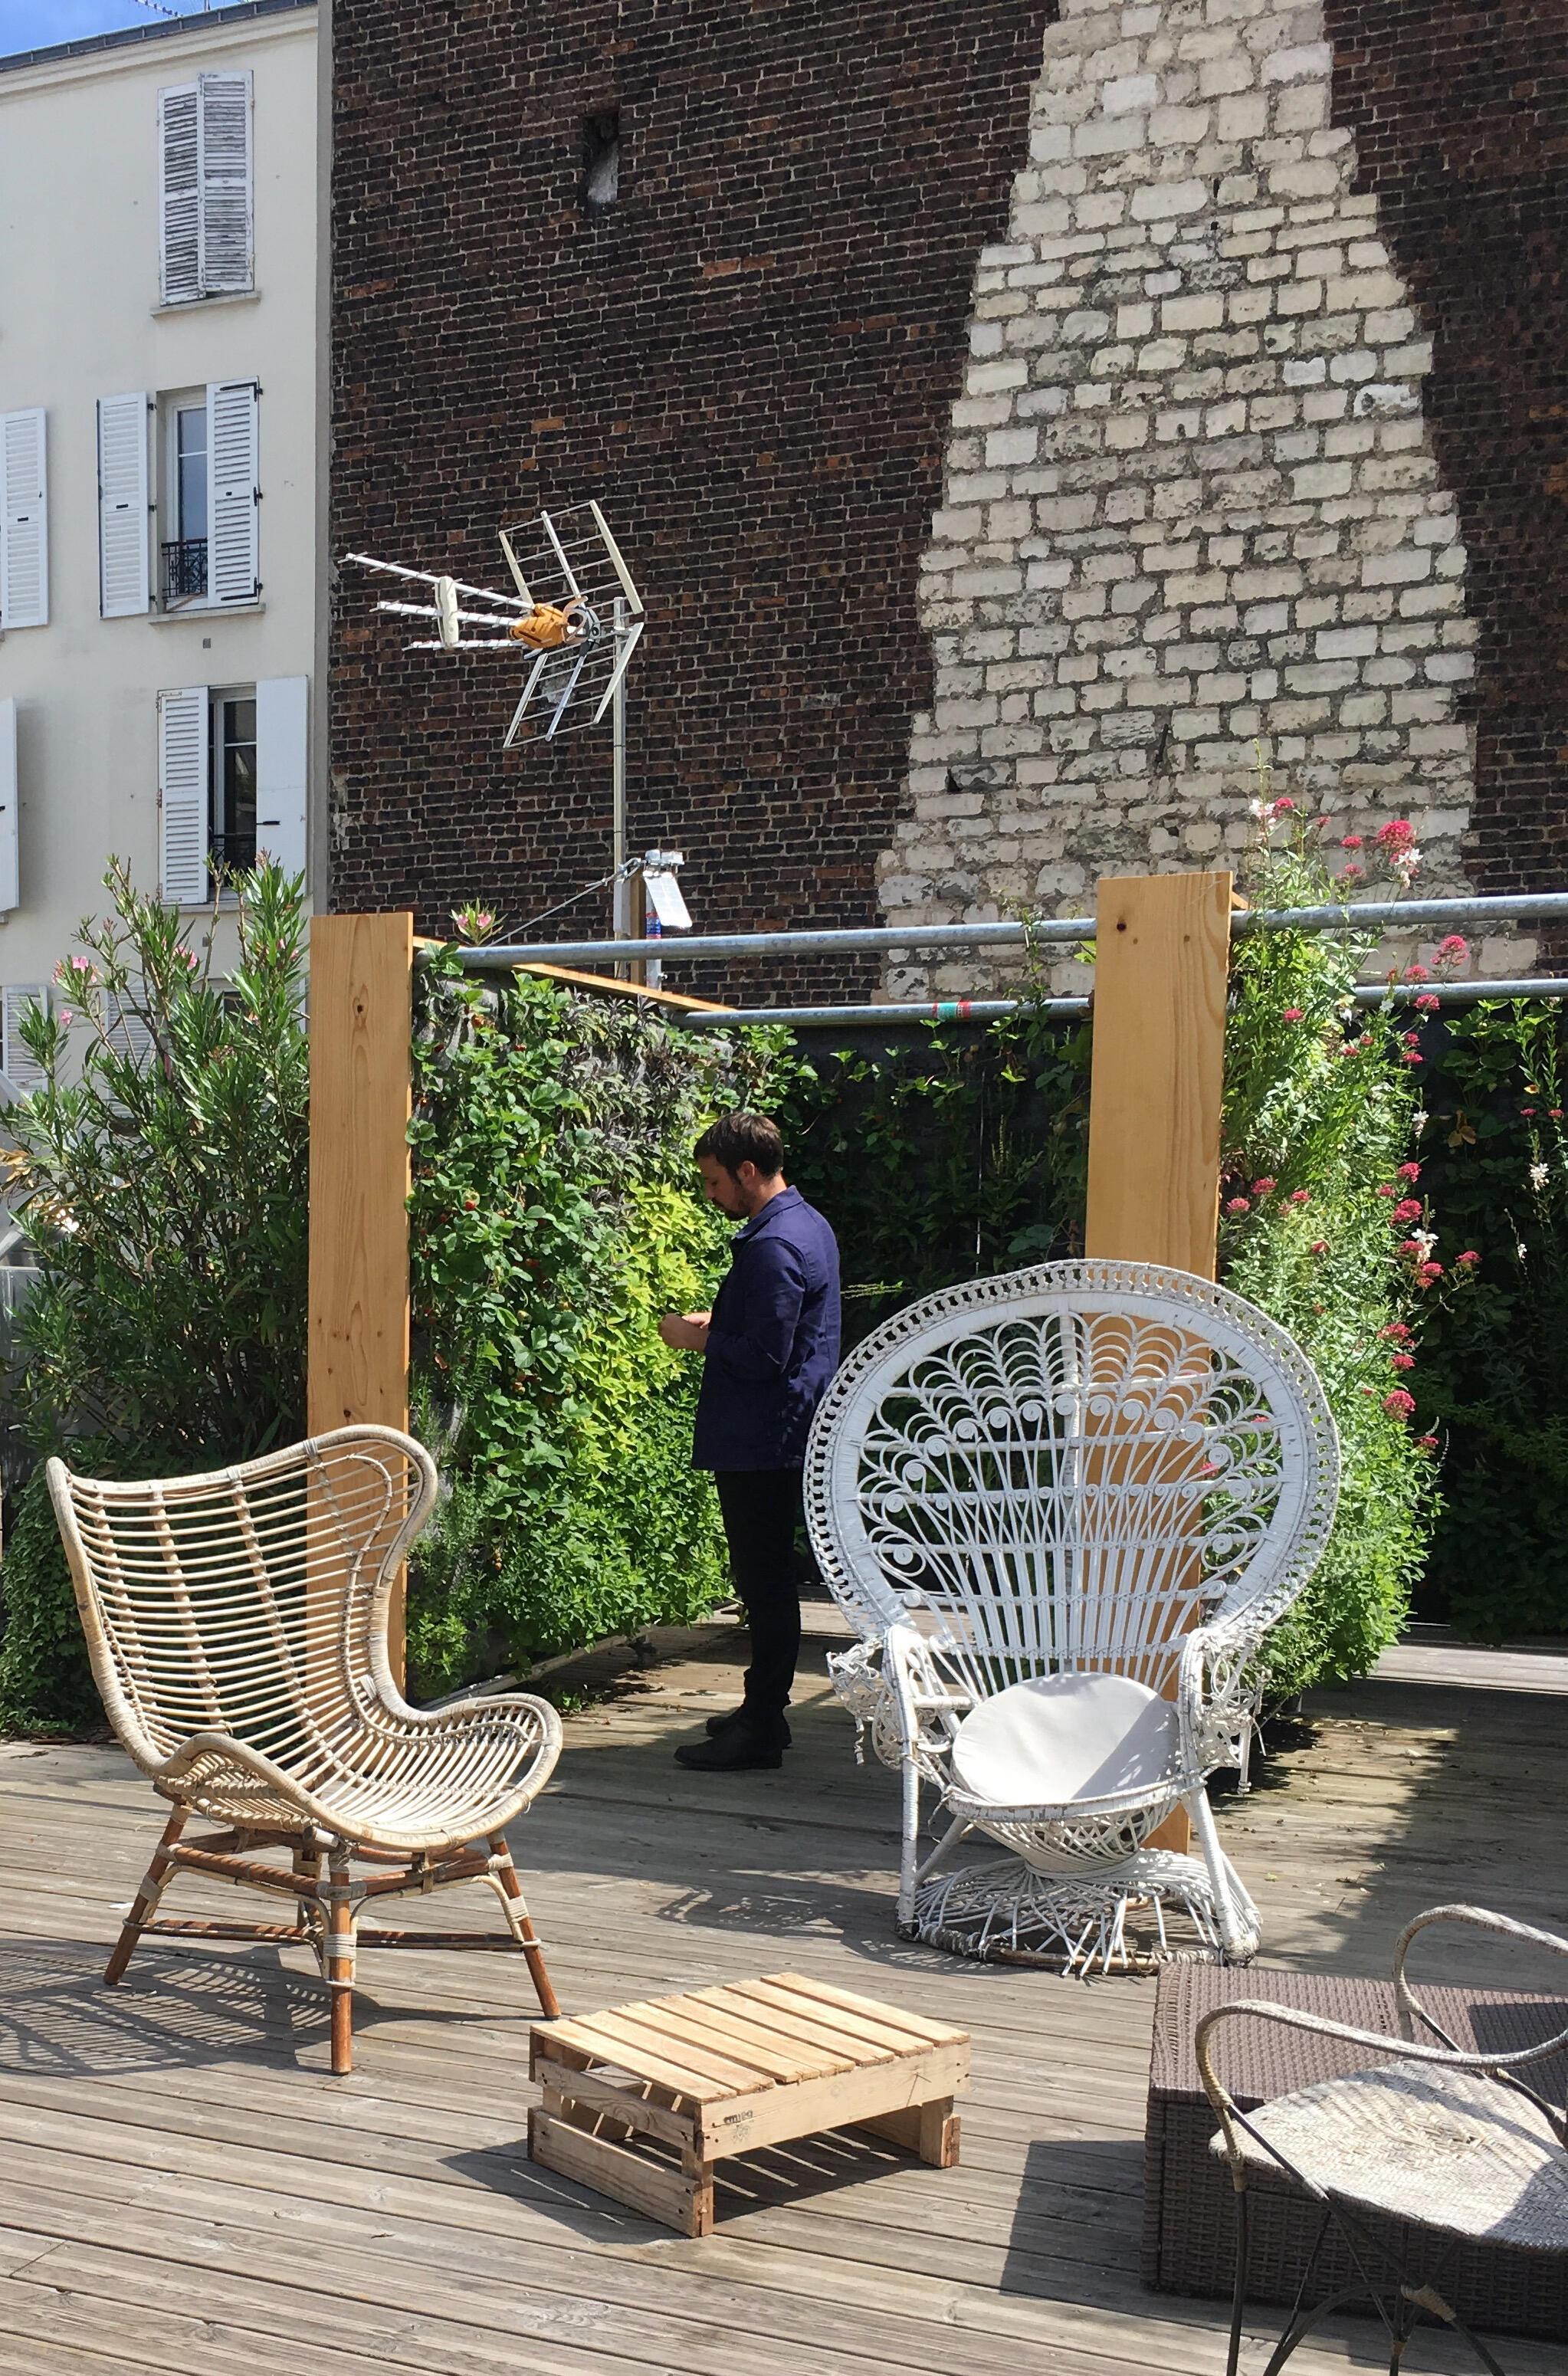 Merci Raymond es una empresa dedicada a la vegetalización en las ciudades, una nueva tendencia urbana.